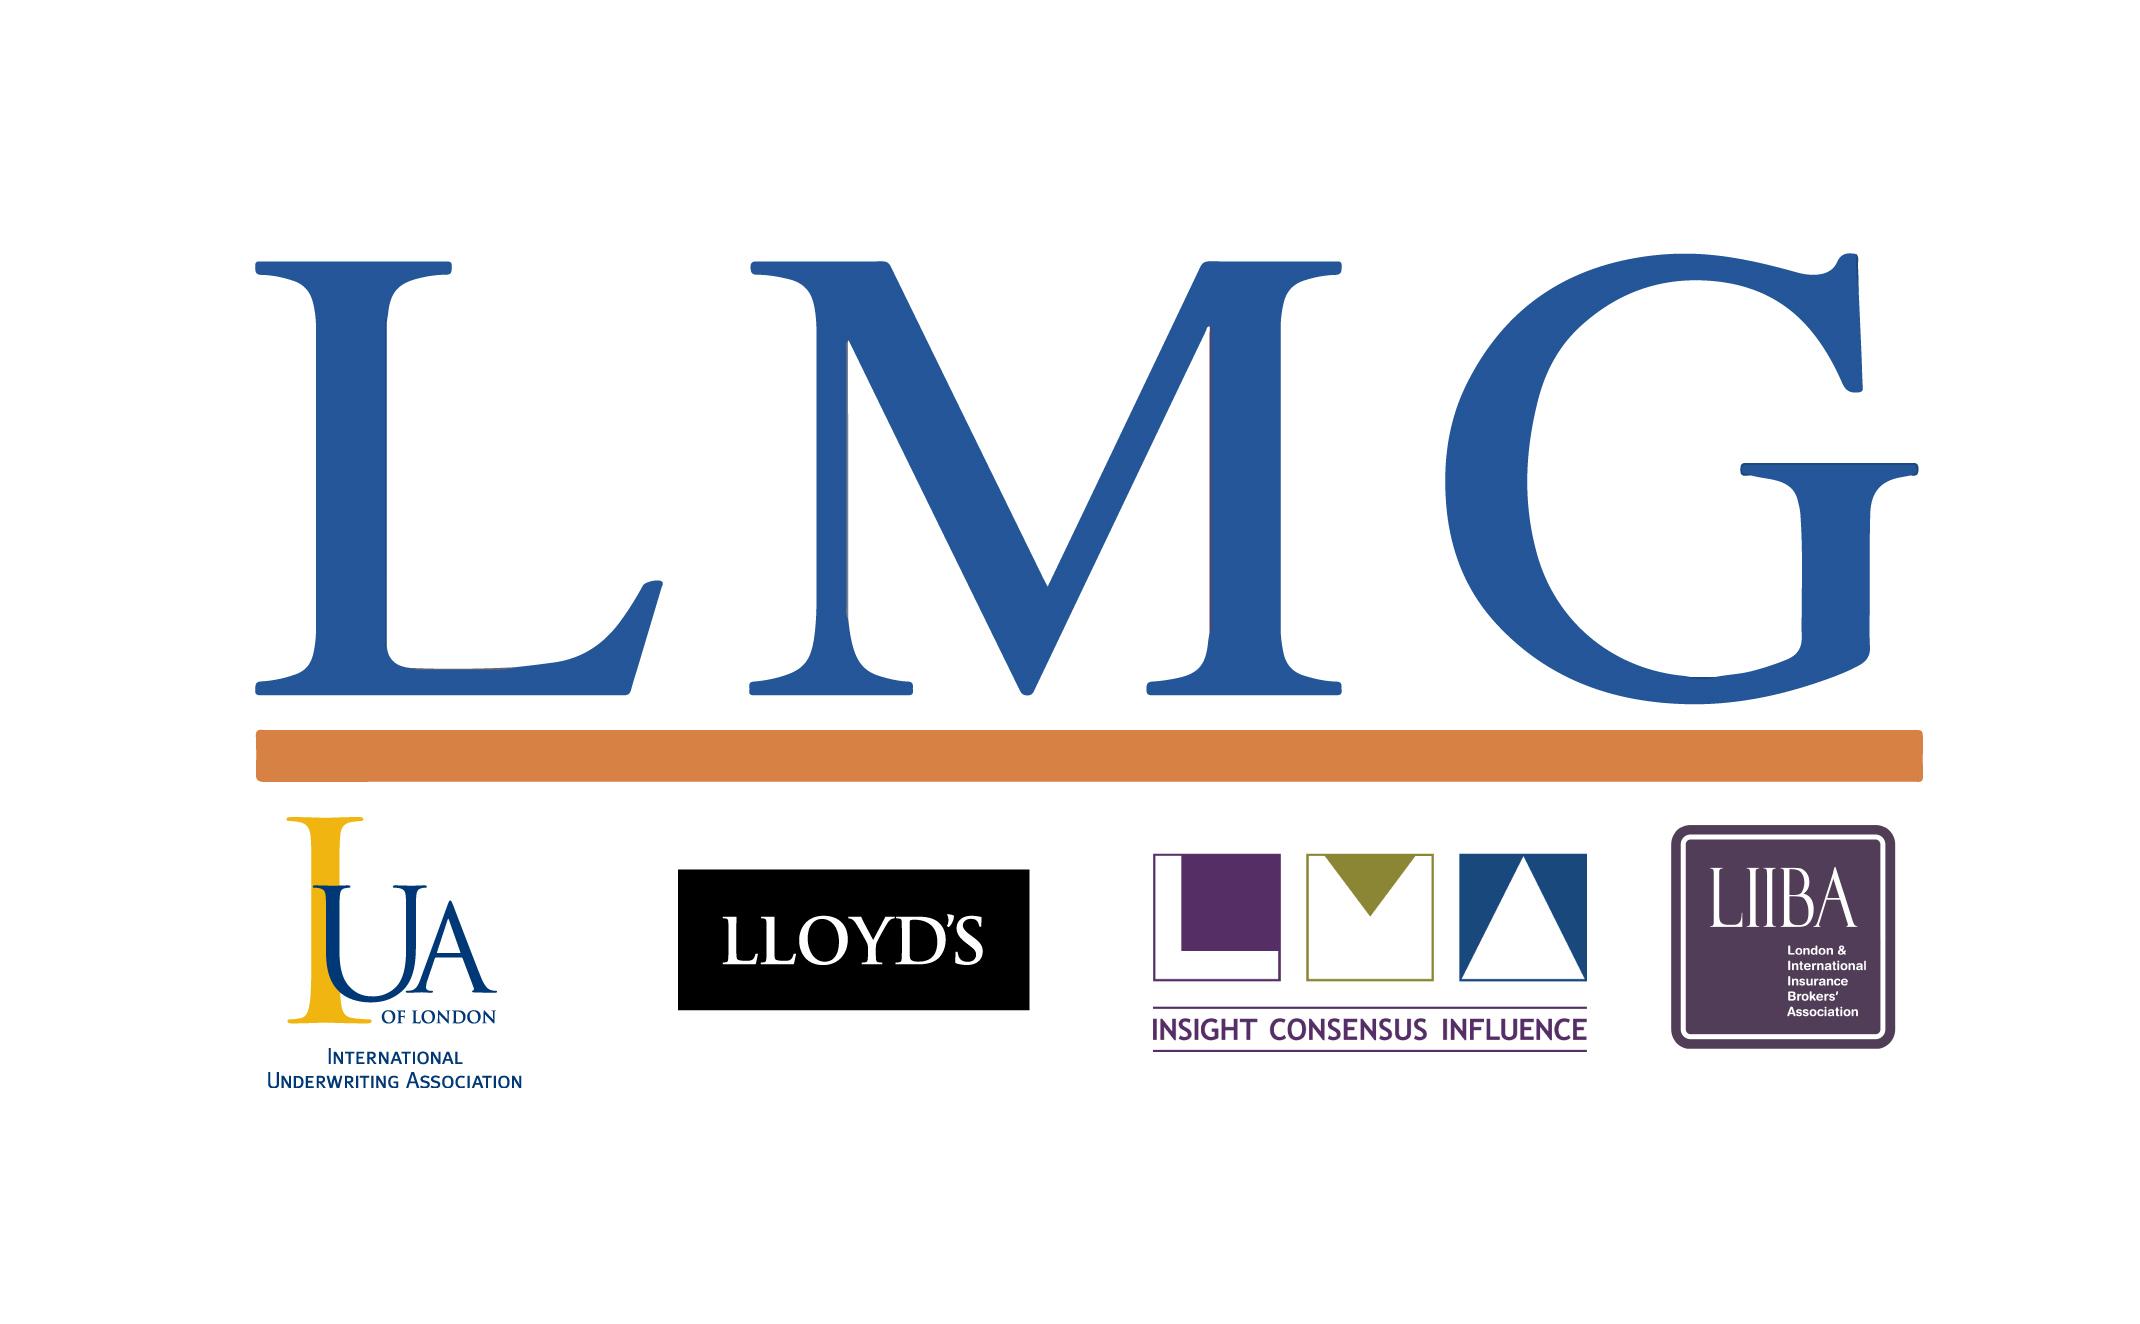 LMG-logo_hi_res